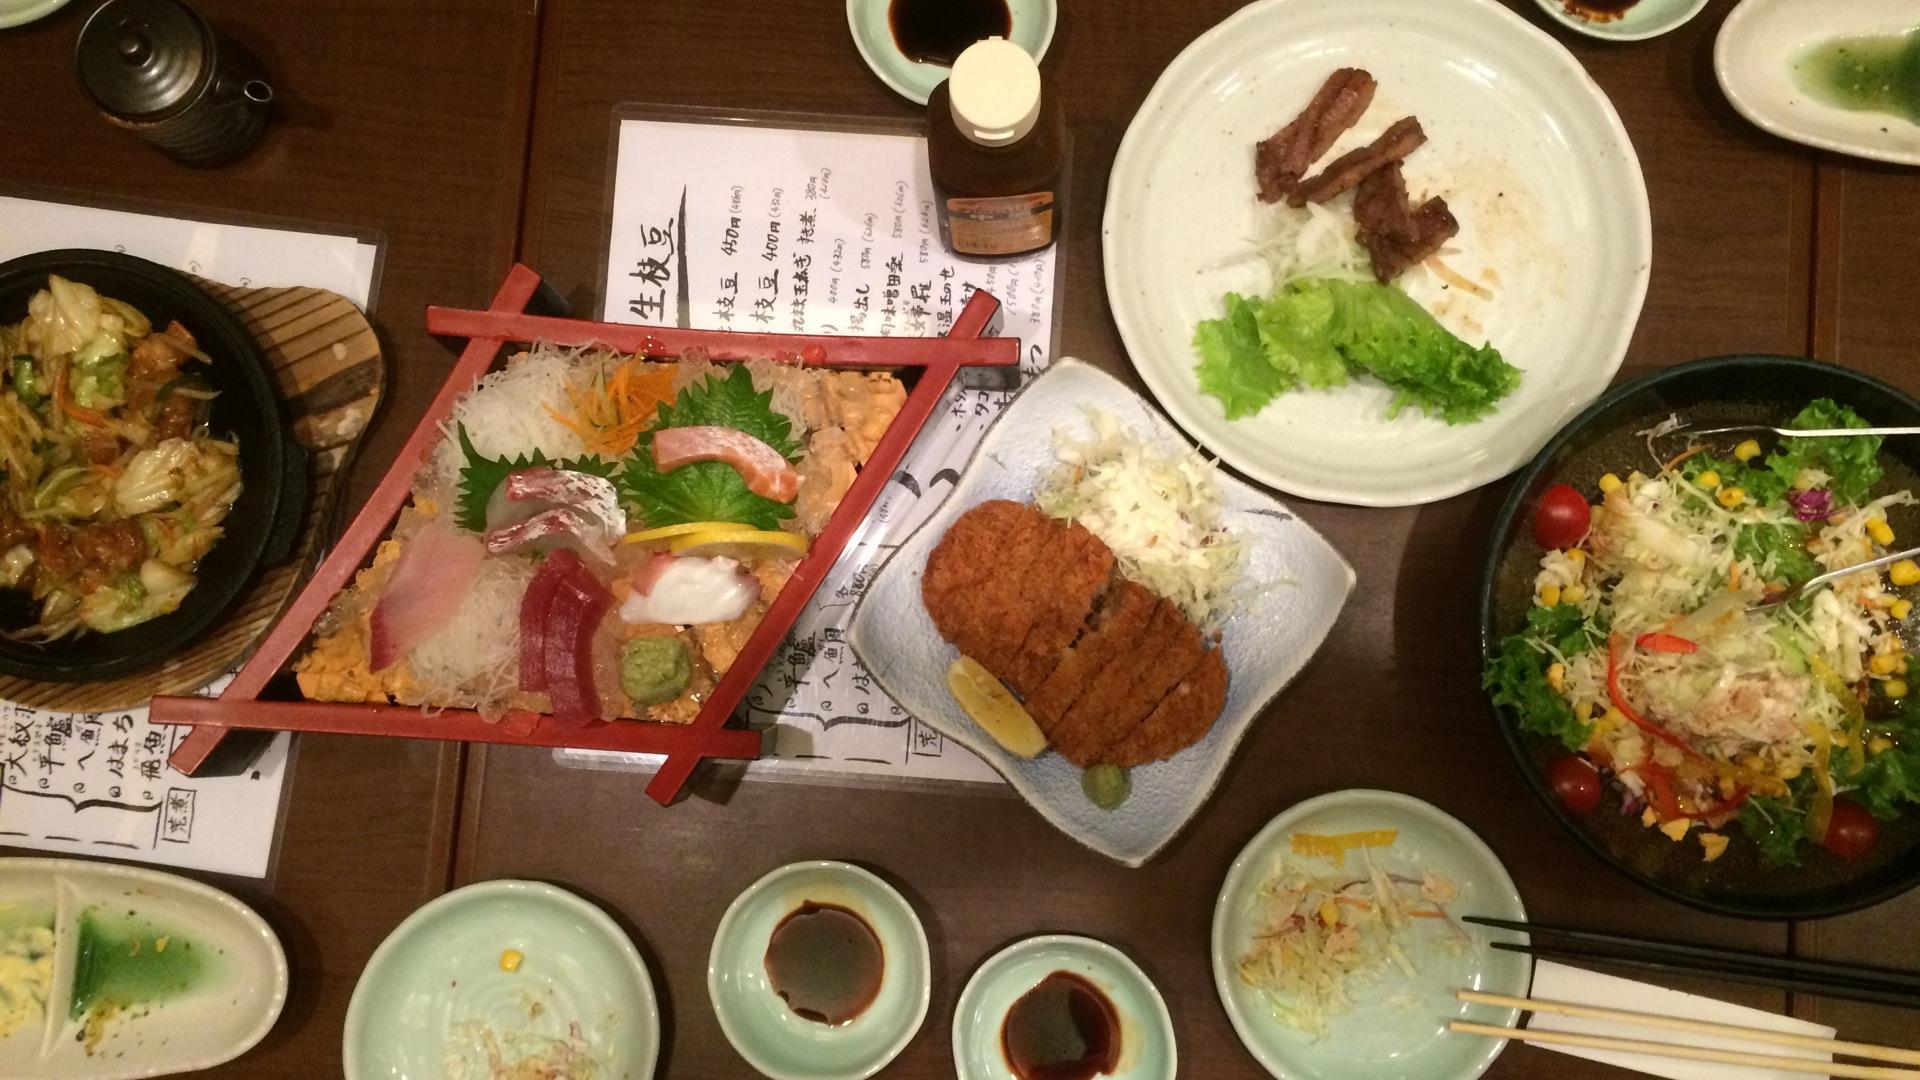 reichliche Speisenauswahl beim Abendessen